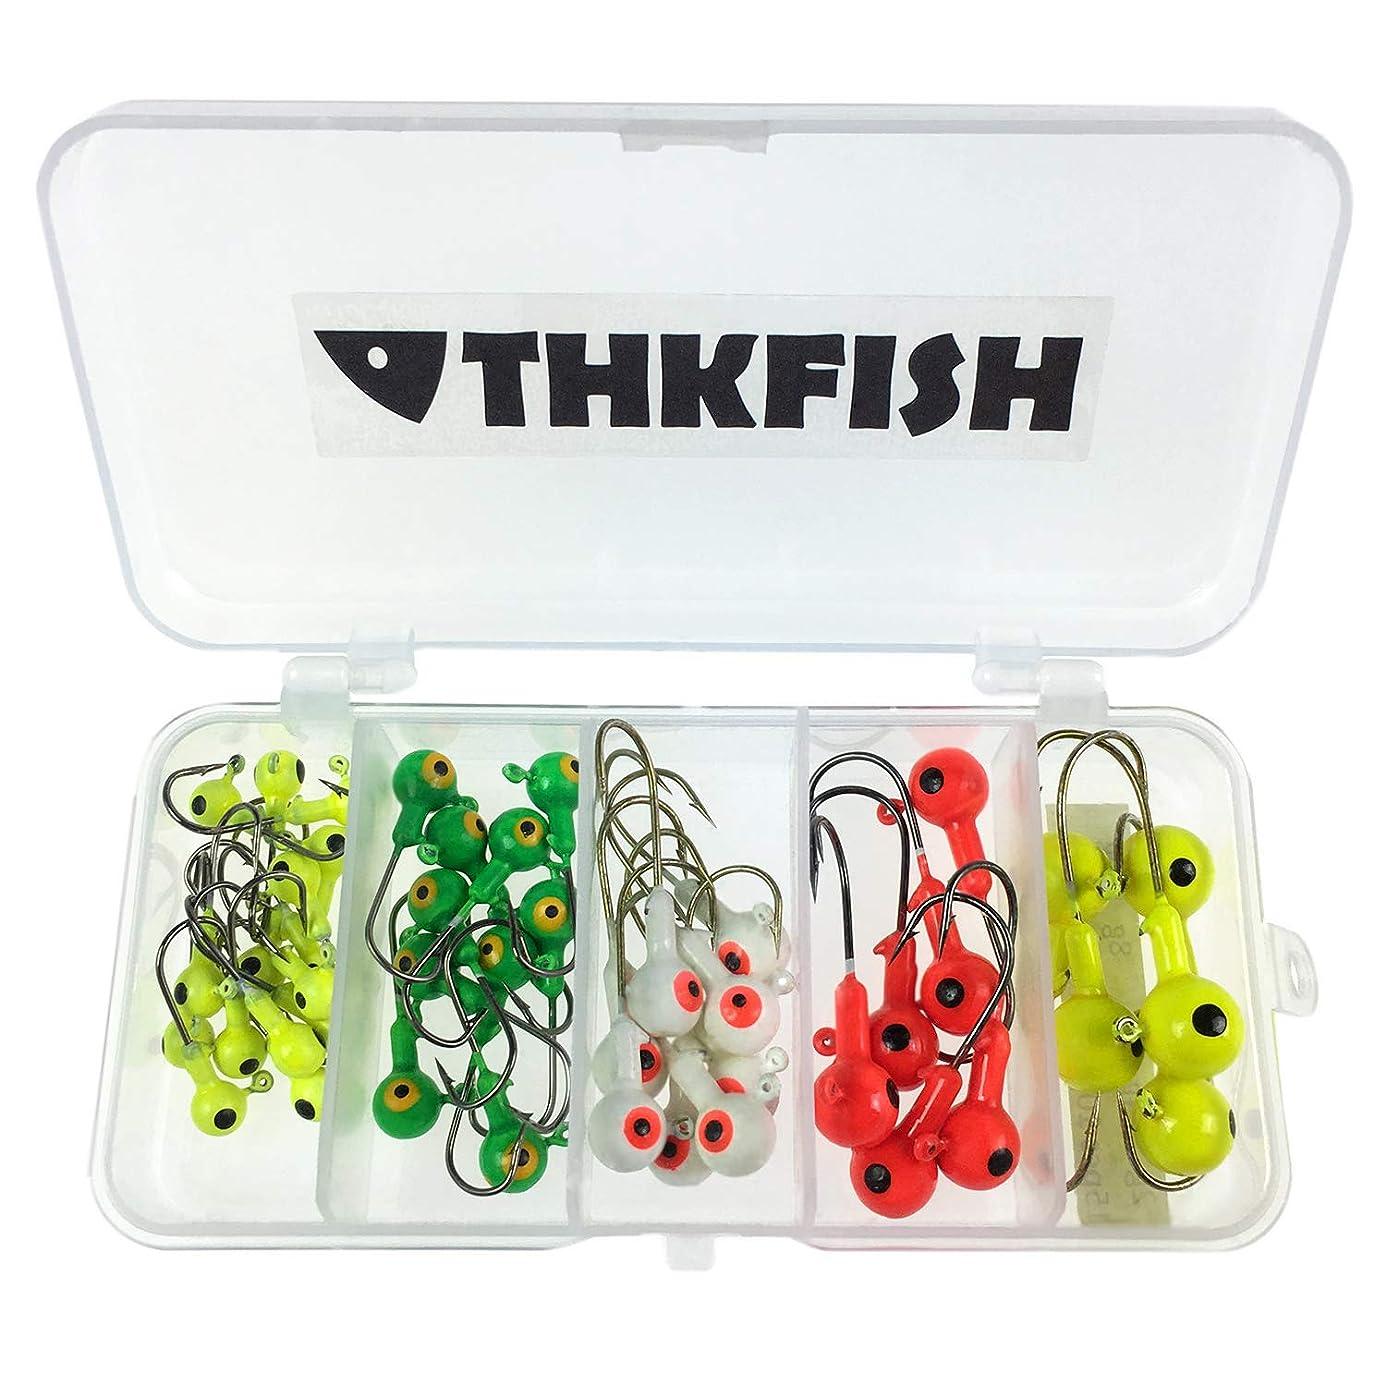 44pcs Lot Fishing Jig 2g 4g 6g 8g 10g Head Hook Fishing Hook Set with Plastic Fishing Box